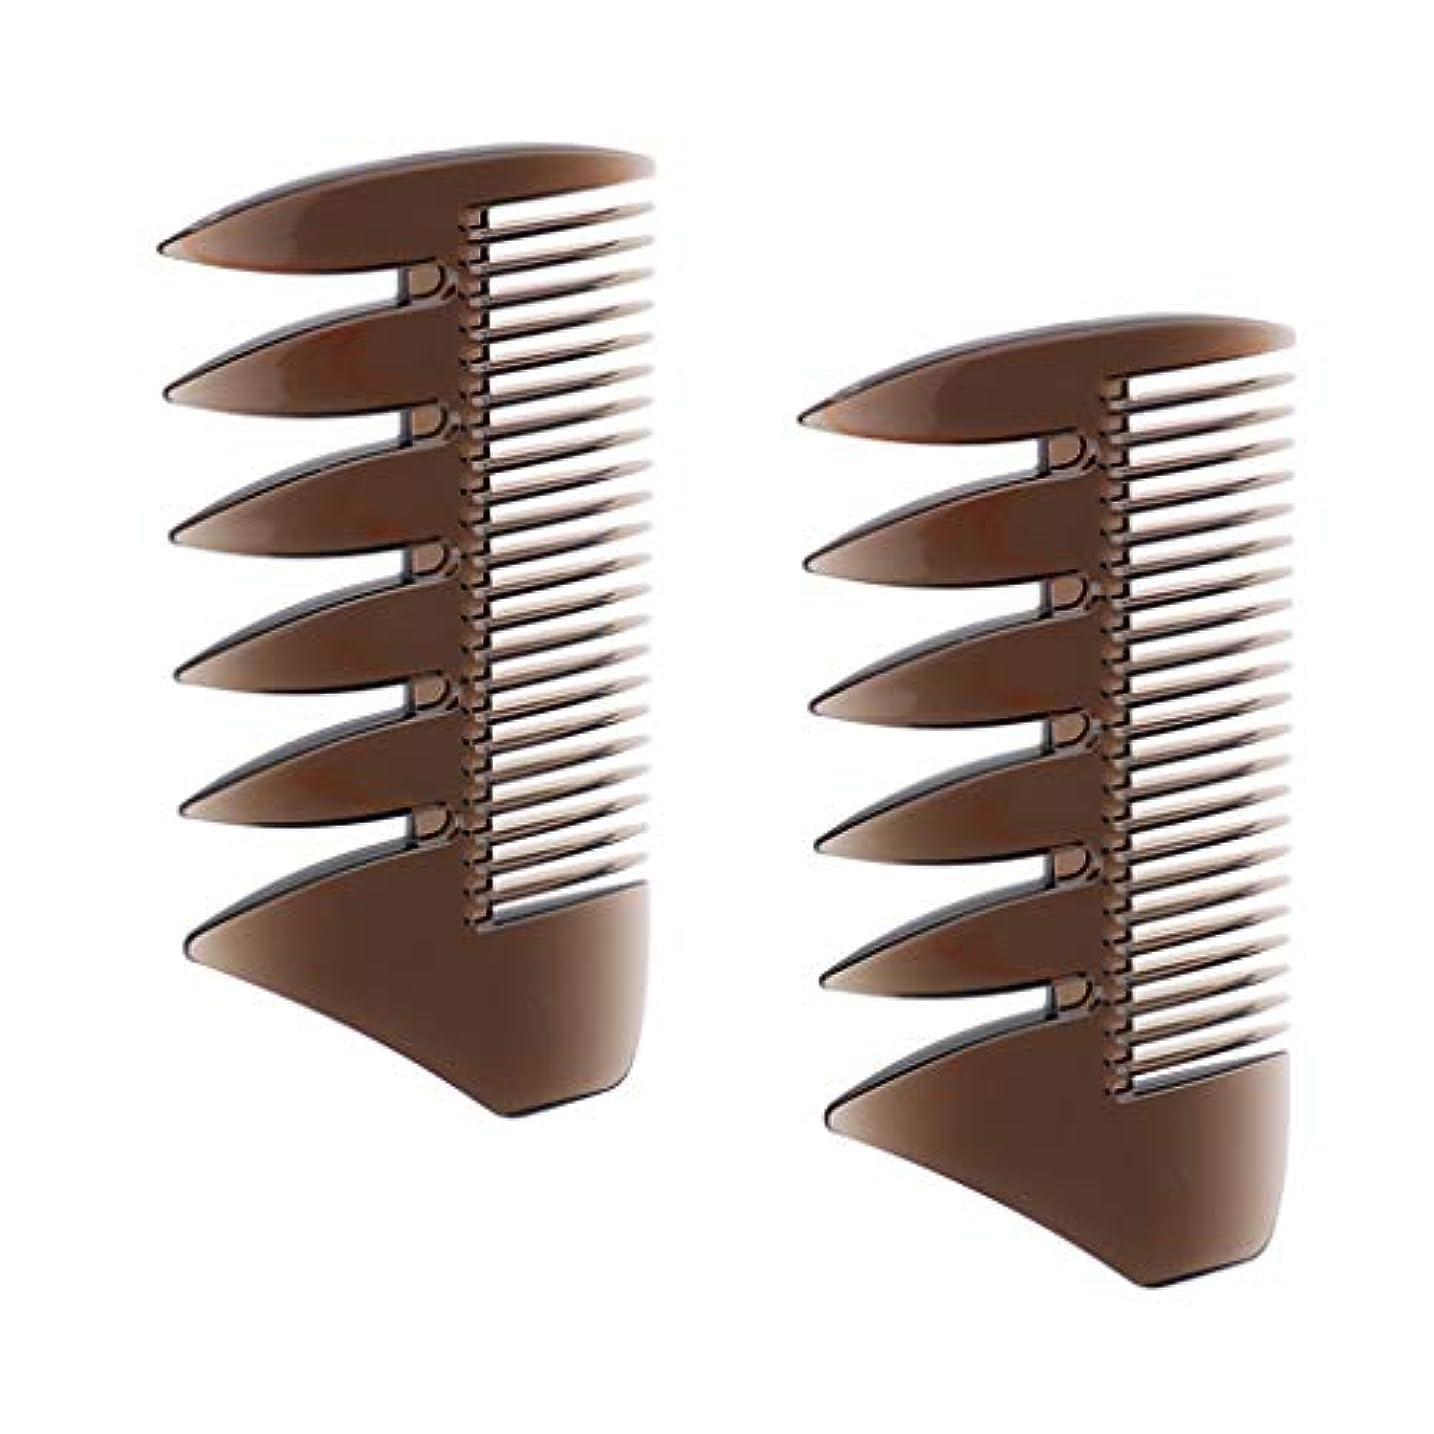 ページ実質的リースF Fityle 2個 ヘアコンビ デュアルサイド メンズ オイルの髪 櫛 ヘアサロン ヘアスタイリング